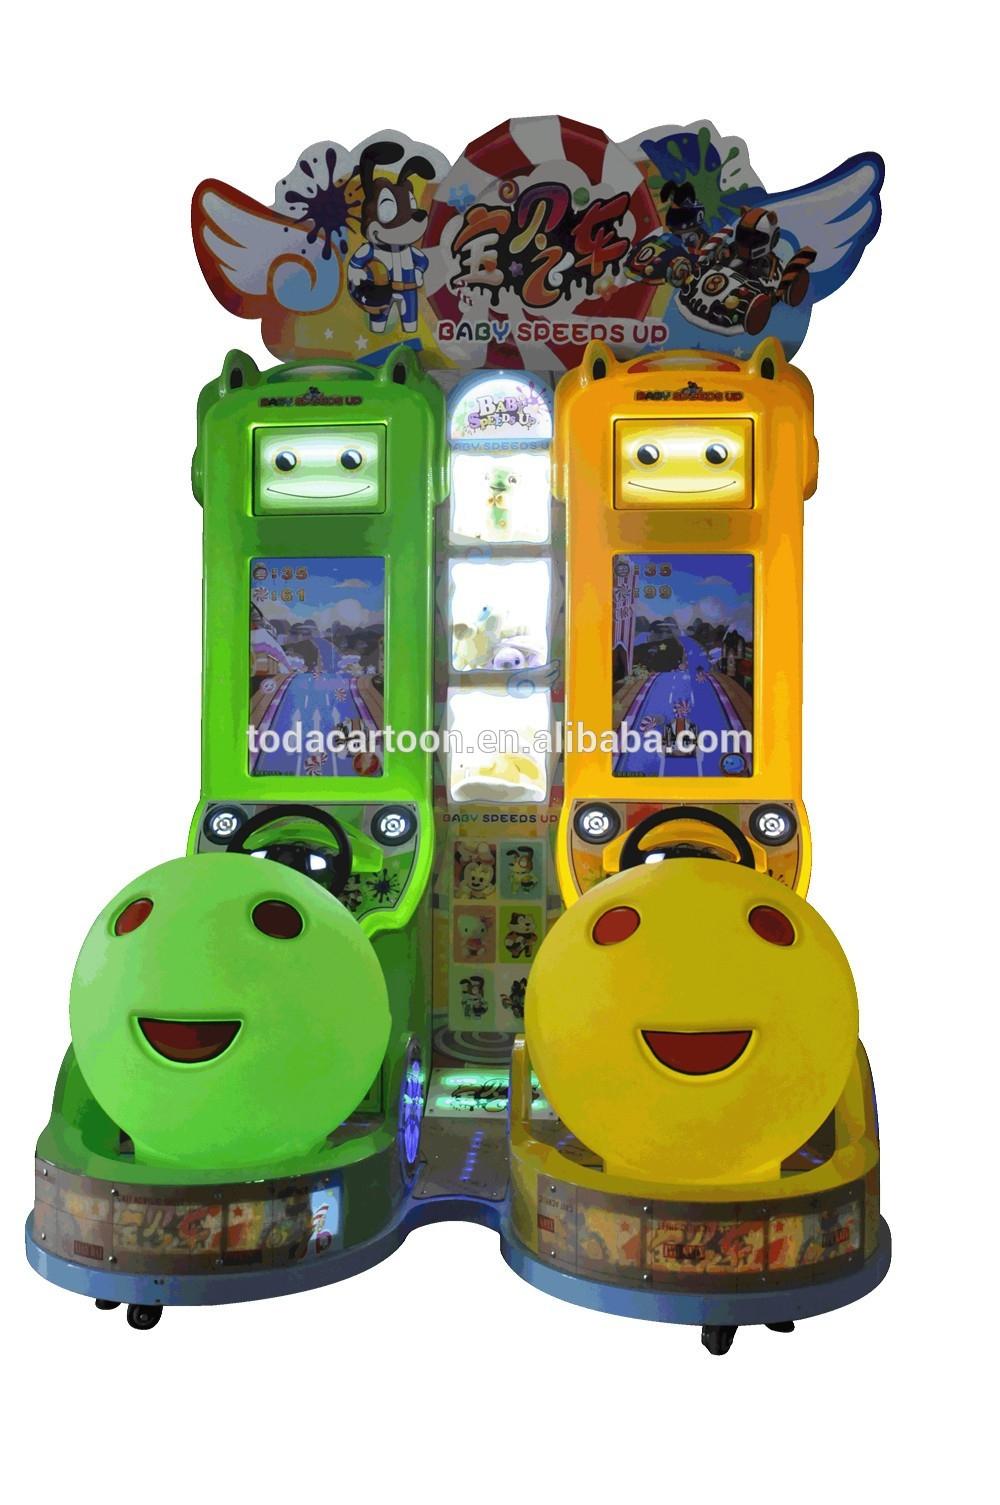 Toda Enfants Machine De Jeu Bébé Simulateur De Course D'arcade Gratuit  Jouer En Ligne Moteur Enfants Jeux De Voiture Pour Les Garçons Vente - Buy avec Jeux Gratuit Pour Les Garcon